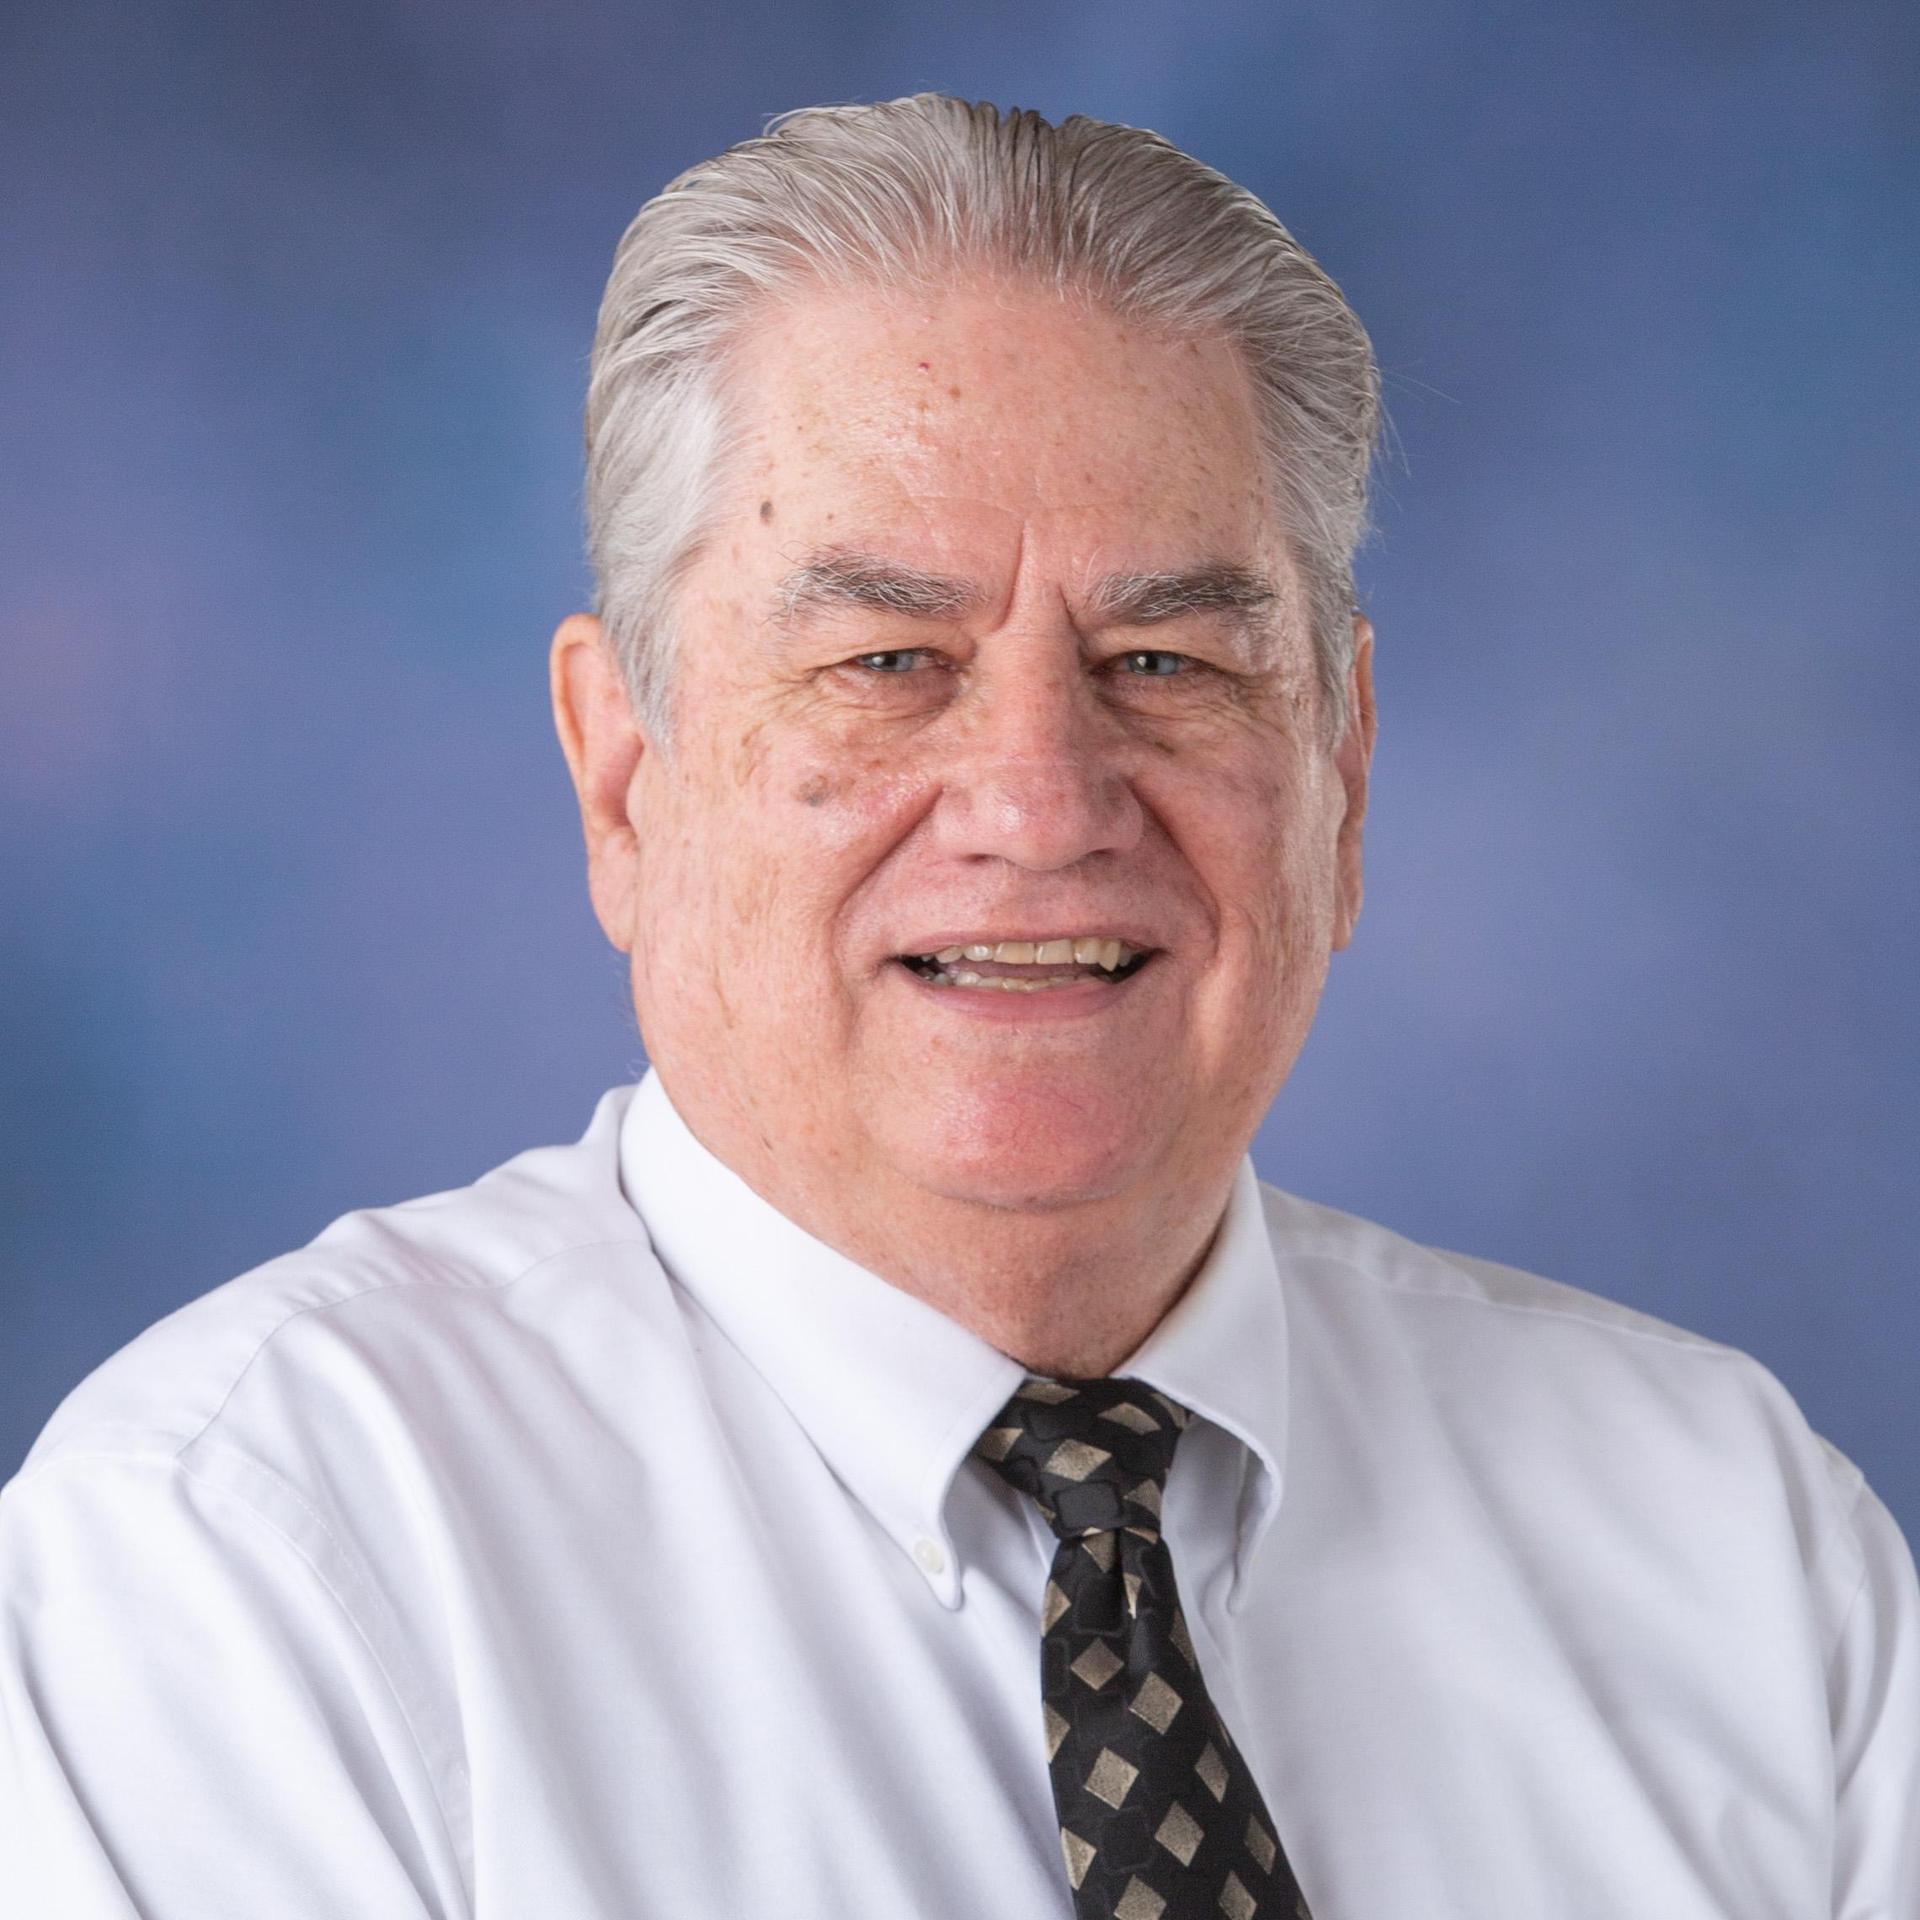 Principal - Mr. Tim Petersen